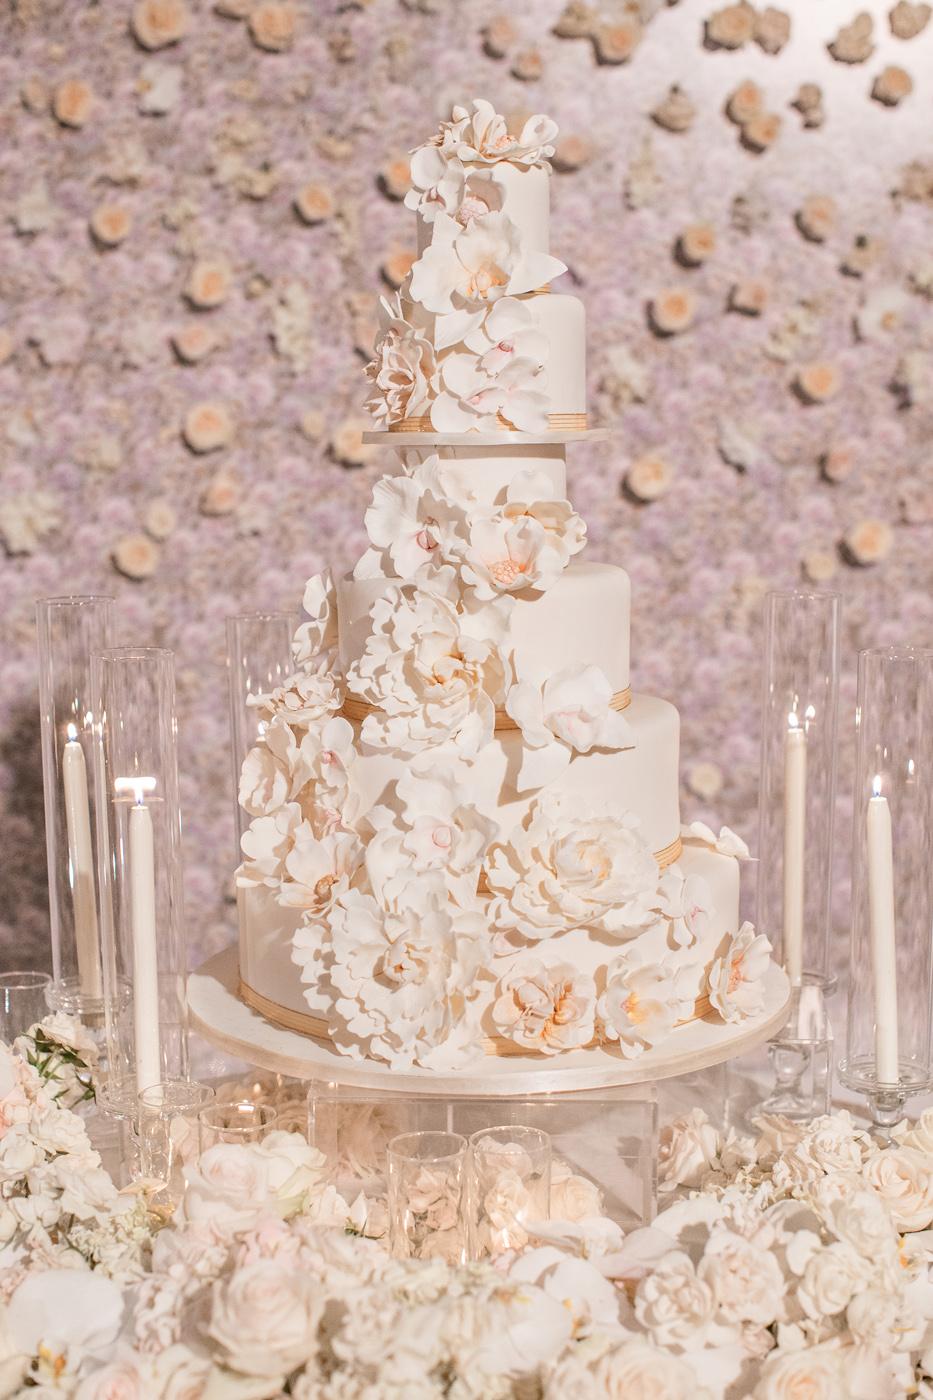 102_DukePhotography_DukeImages_Wedding_Details.jpg